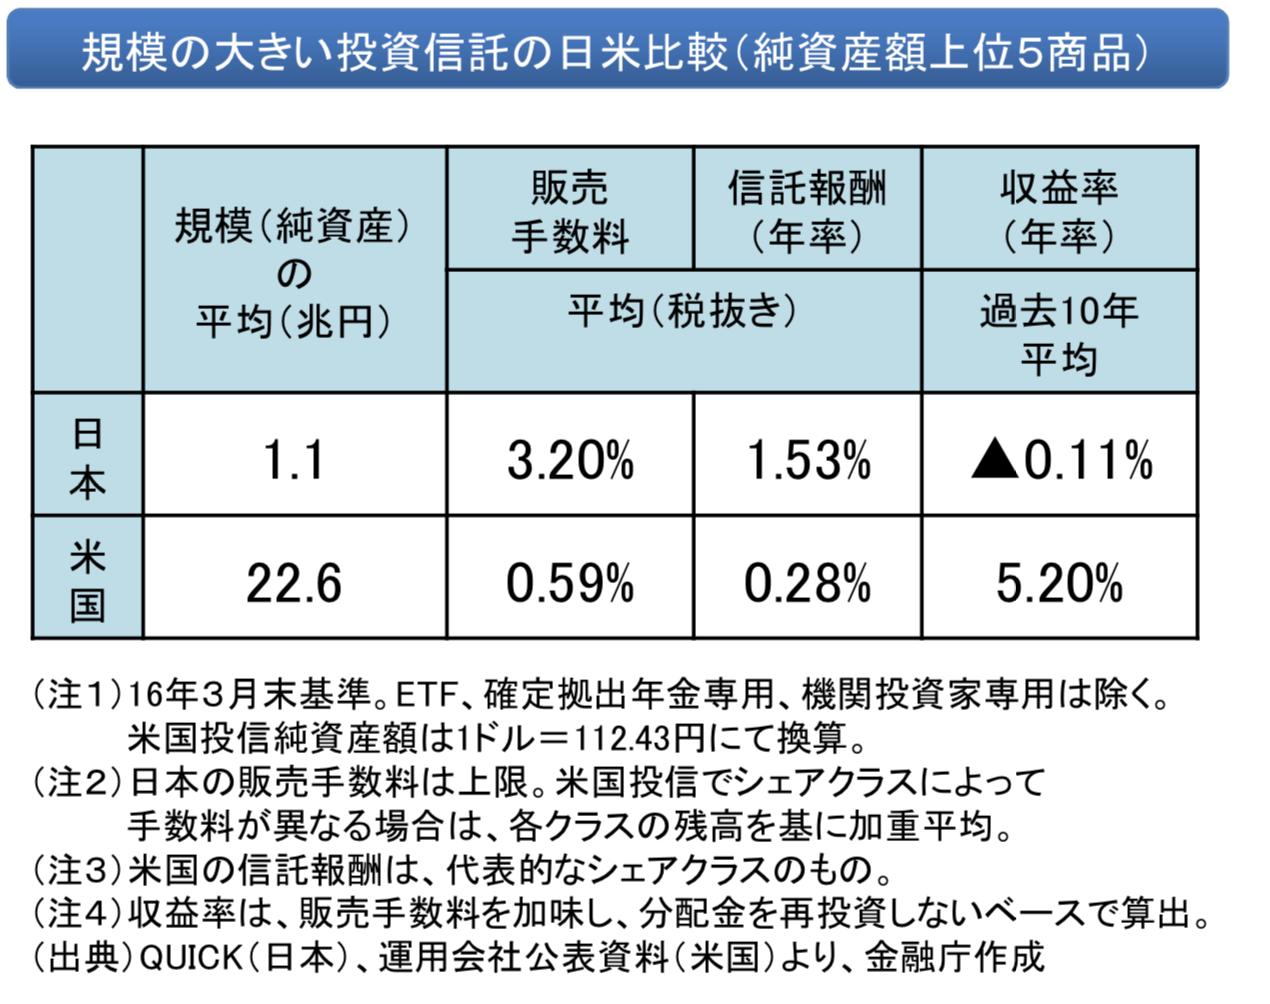 投資信託の日米比較